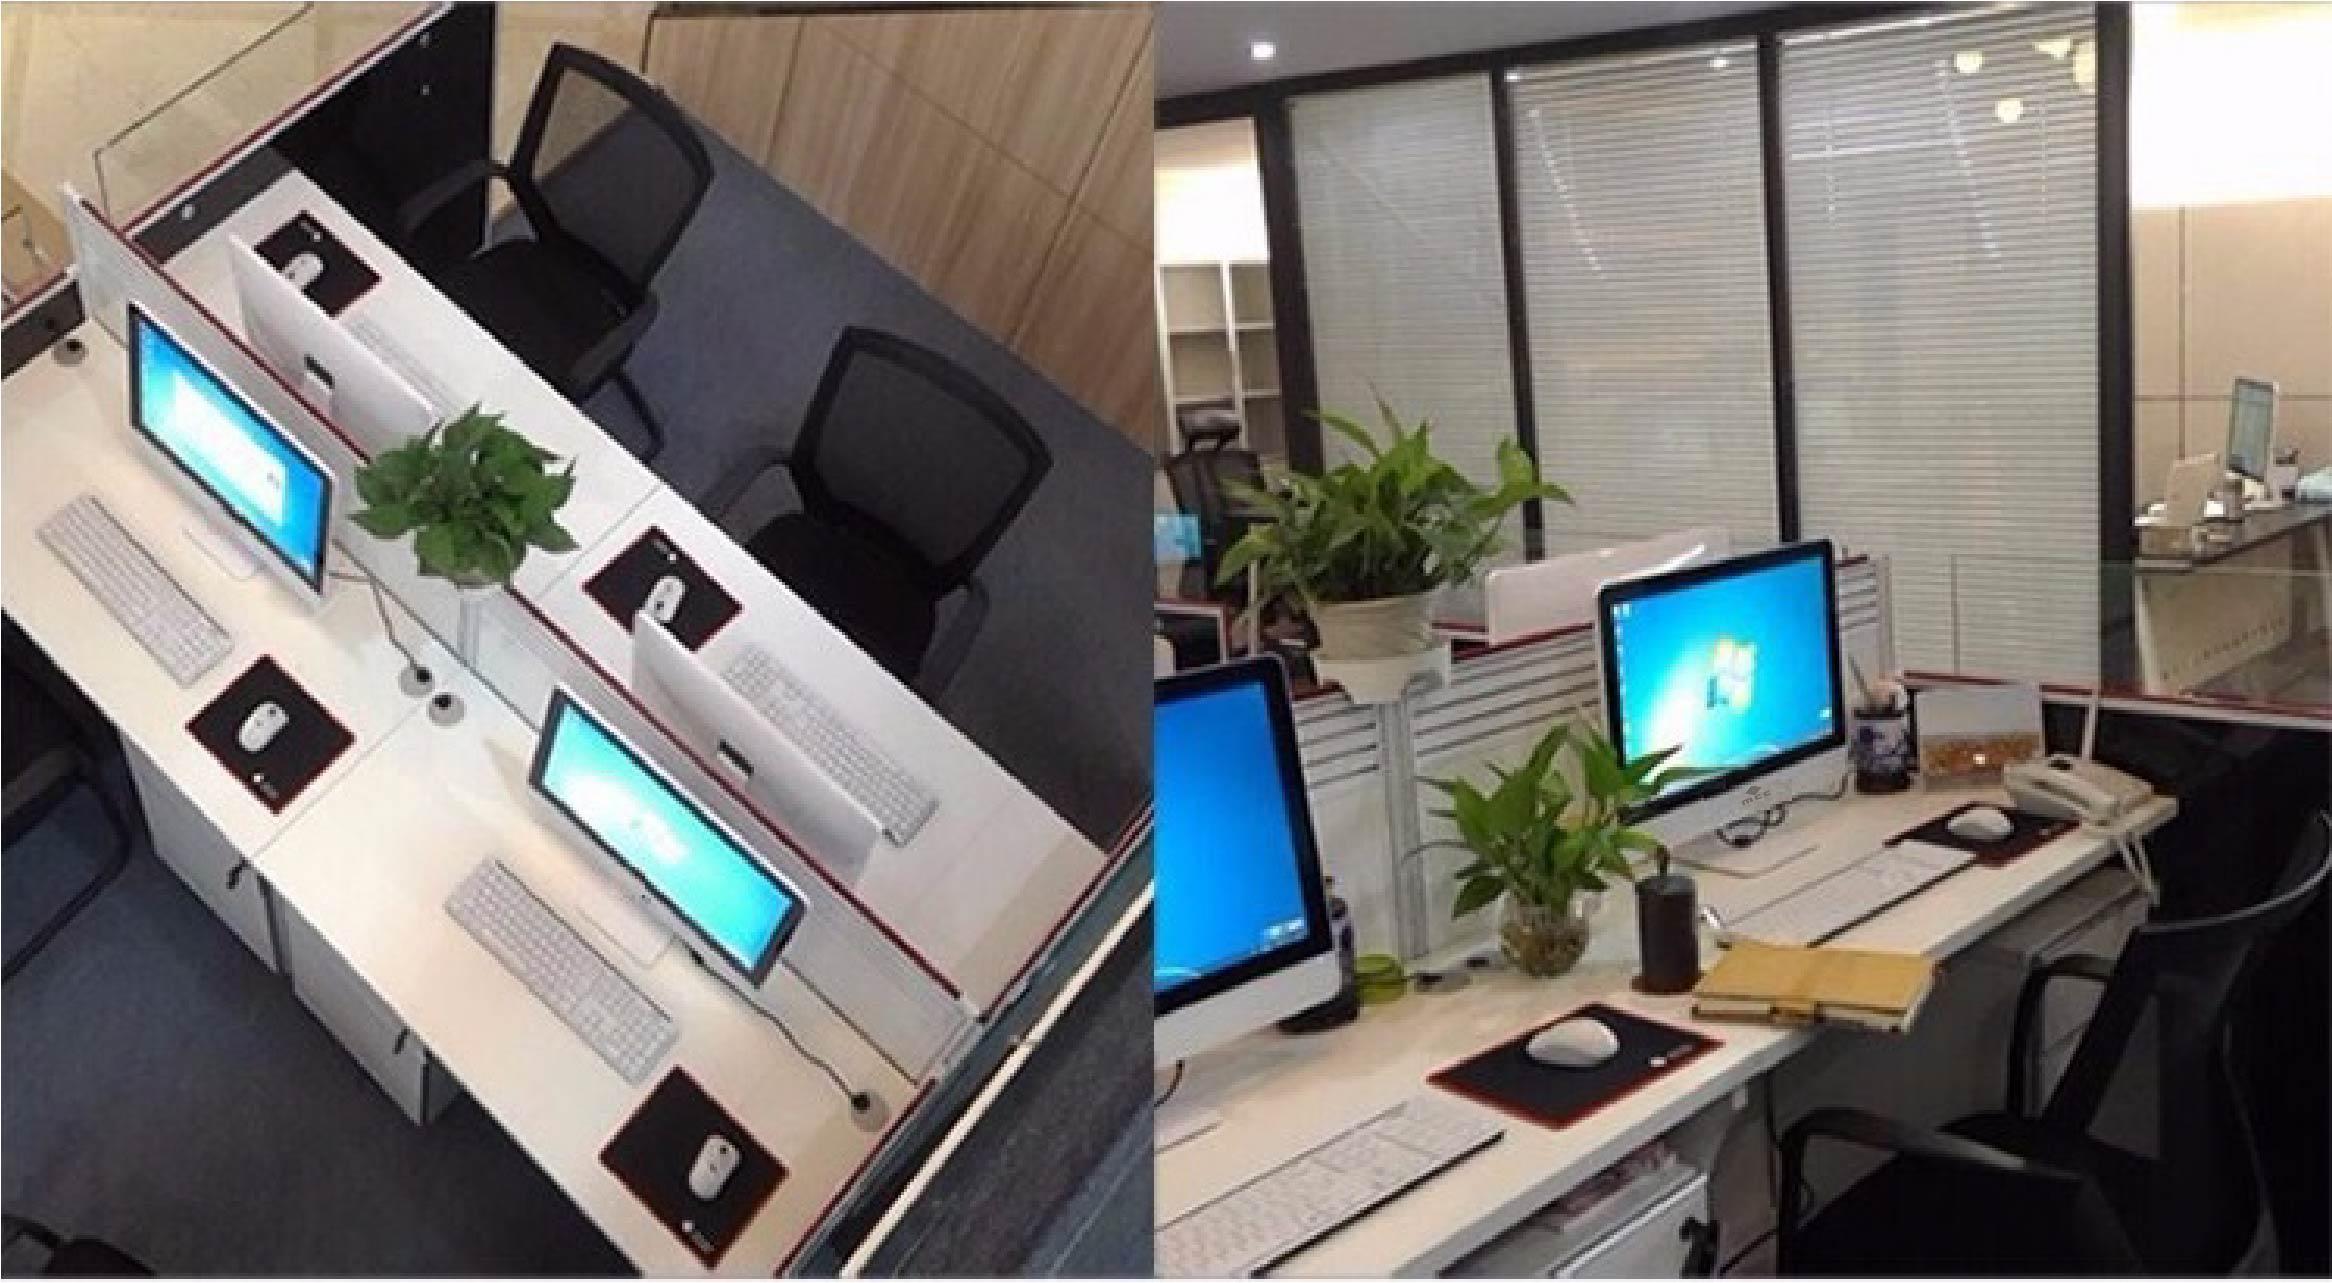 Máy tính All in ONE MCC8181 Home Office Computer CPU i3 810/Ram8G/SSD120G/22inch/KM - Hàng chính hãng